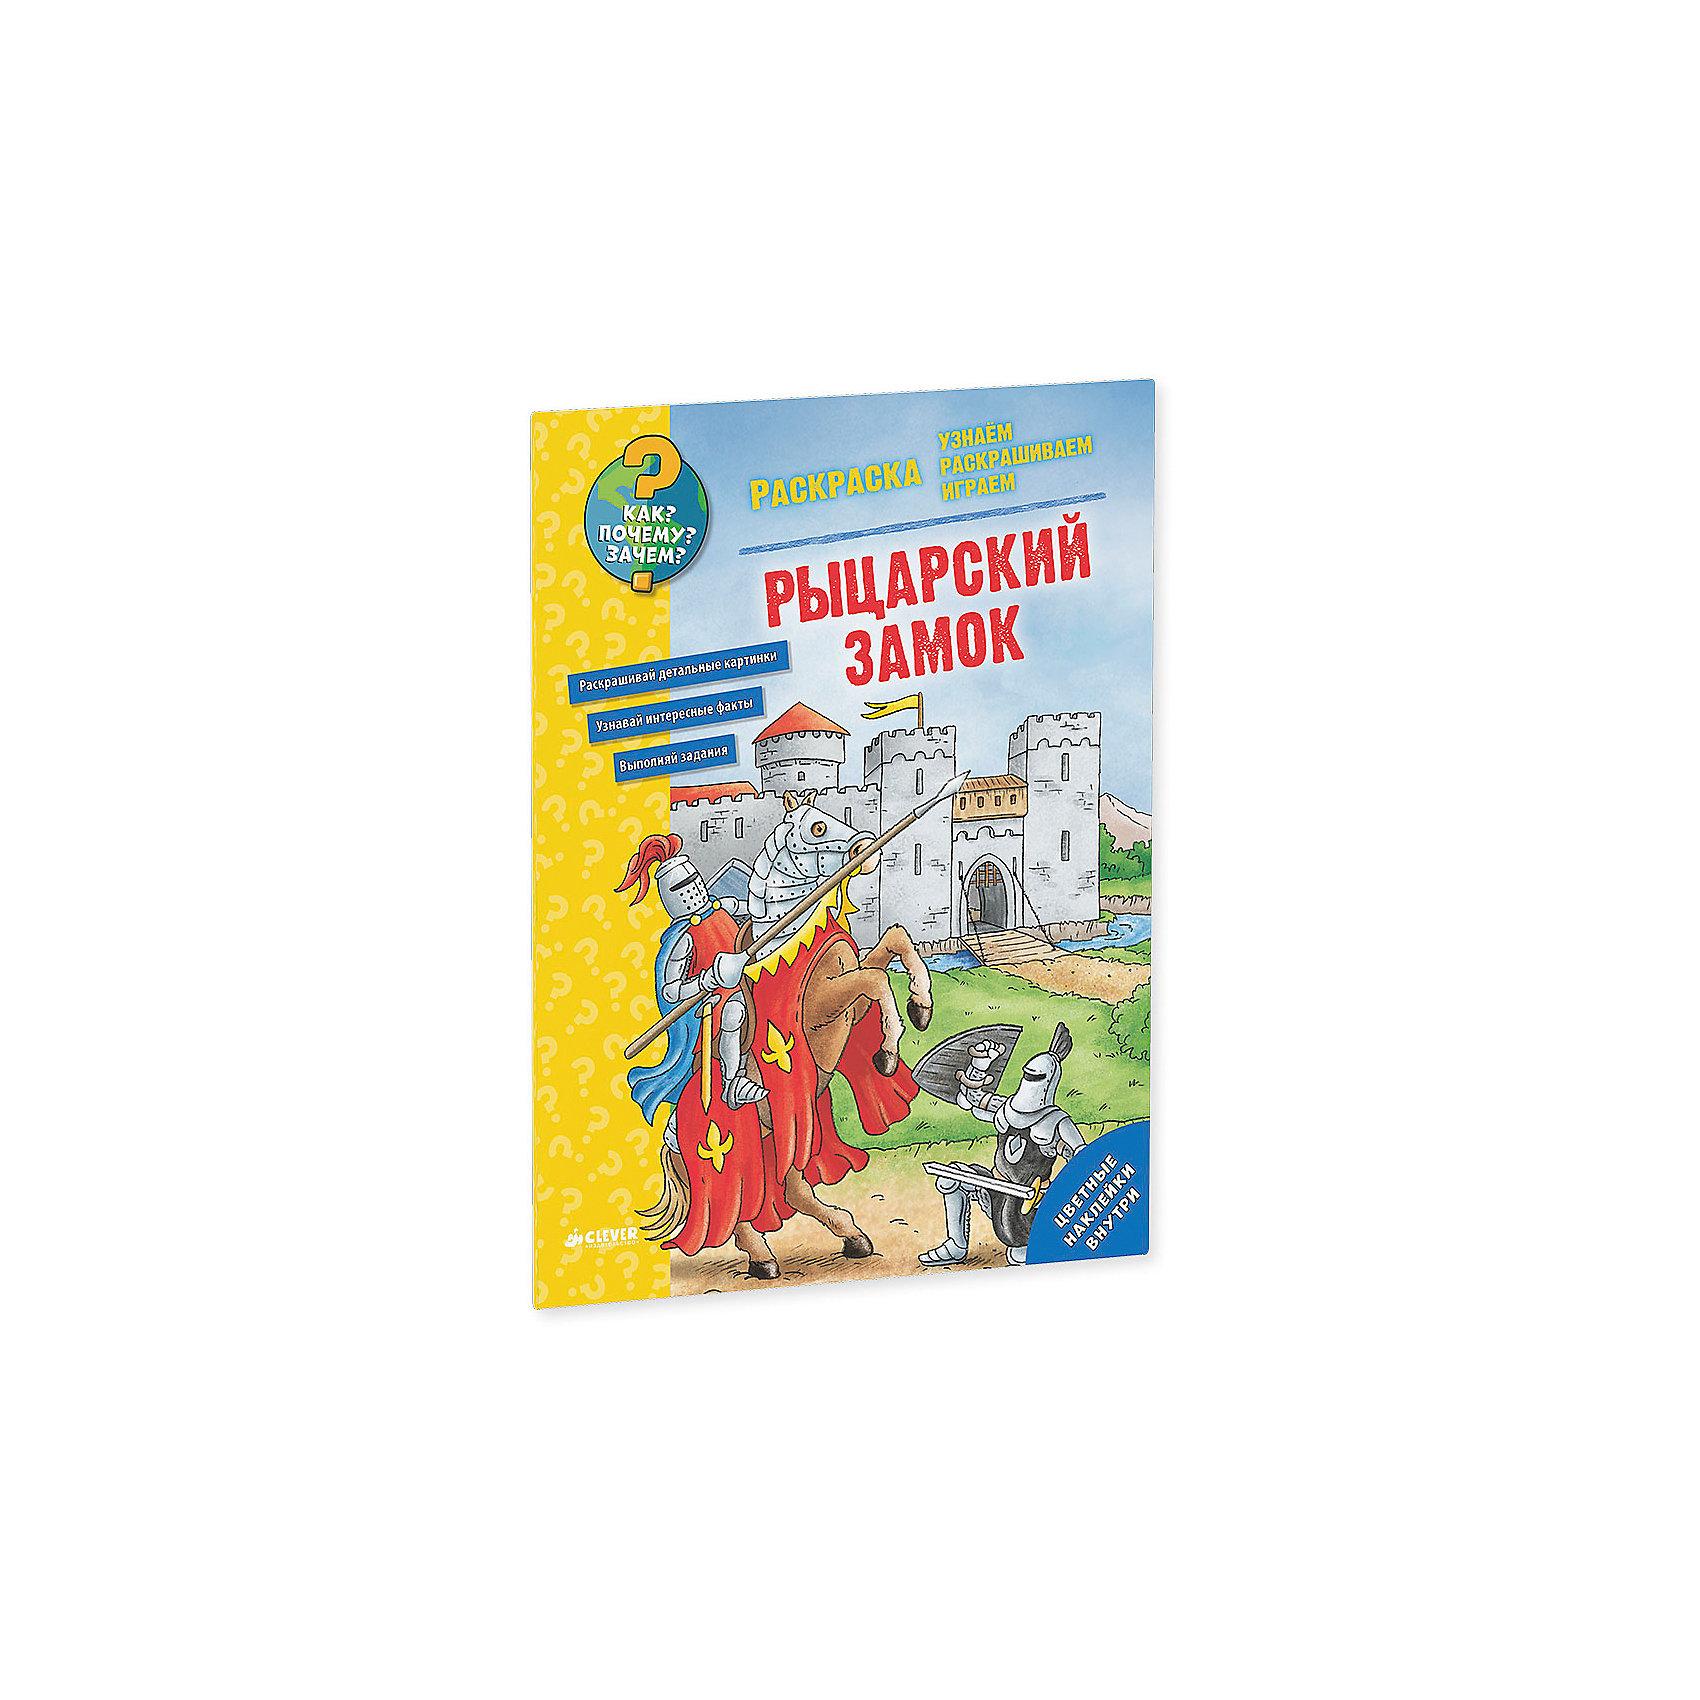 Раскраска Рыцарский замок, Как? Почему? Зачем?Раскраски по номерам<br>Раскраска Рыцарский замок, Как? Почему? Зачем?<br><br>Характеристики:<br><br>• ISBN: 978-5-906899-43-9<br>• Кол-во страниц: 24<br>• Возраст: от 4 лет<br>• Формат: а4<br>• Размер книги: 285x215x2 мм<br>• Бумага: офсет<br>• Вес: 145 г<br>• Обложка: мягкая<br><br>Эта книга-раскраска откроет для ребенка мир внутри зоопарка. Читая и раскрашивая увлекательные иллюстрации, ребенок сможет узнать кто такие рыцари, где они живут и как ими становятся. Книга содержит детальные рисунки, цветные наклейки и интересные задания.<br> <br>Раскраска Рыцарский замок, Как? Почему? Зачем? можно купить в нашем интернет-магазине.<br><br>Ширина мм: 285<br>Глубина мм: 215<br>Высота мм: 5<br>Вес г: 145<br>Возраст от месяцев: 48<br>Возраст до месяцев: 72<br>Пол: Мужской<br>Возраст: Детский<br>SKU: 5377769